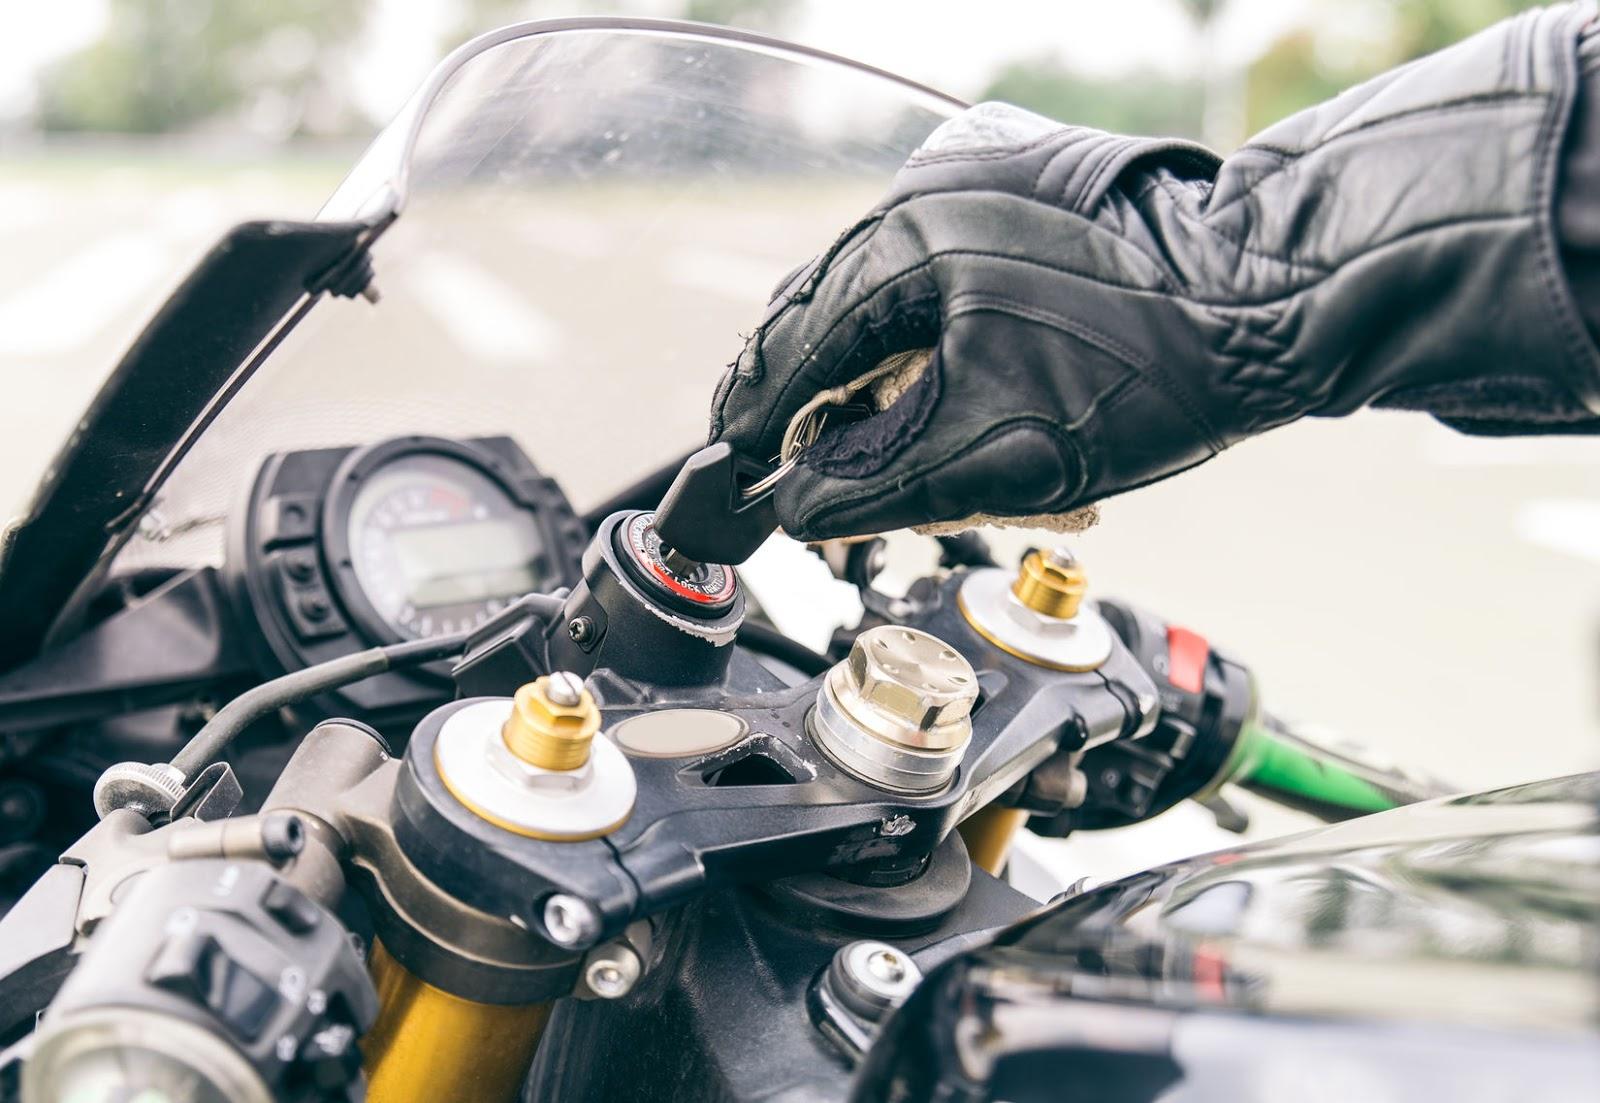 bfdde5acdd9 FÉNIX DIRECTO ® Seguros - Blog Oficial: seguros de moto